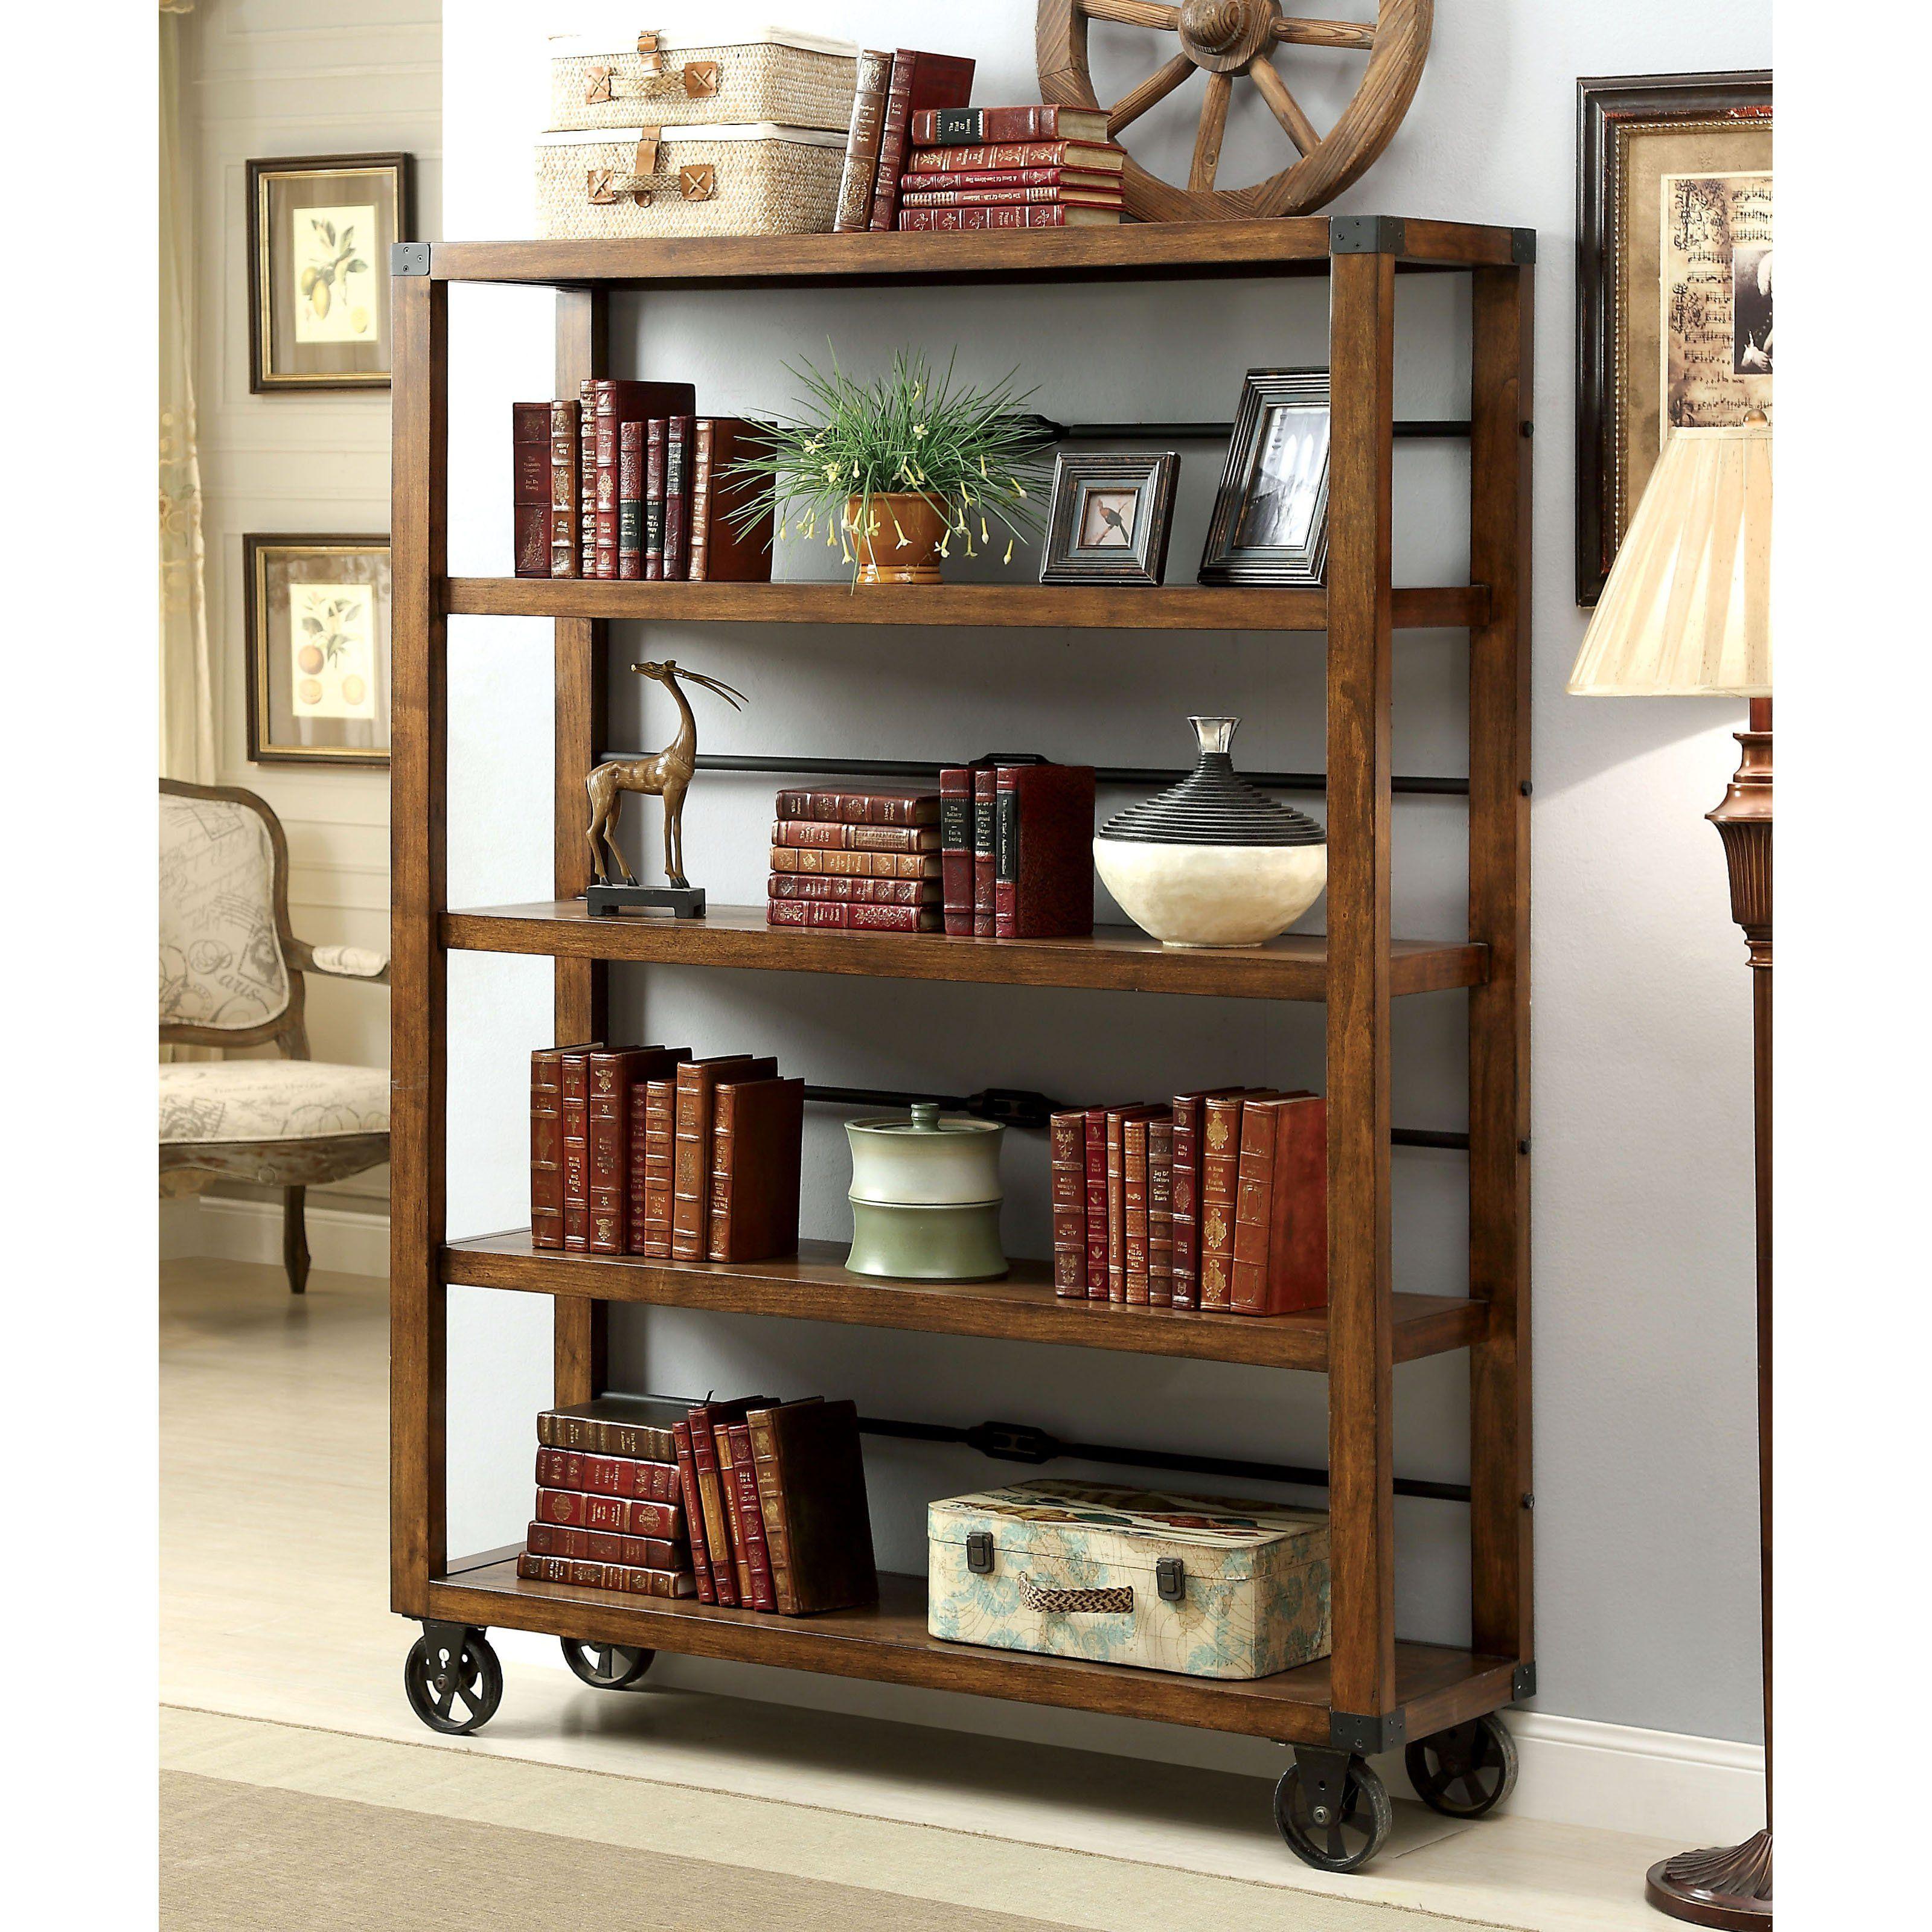 room kids combination simple best bookshelves bookshelf wrought shelves locker for choose cute